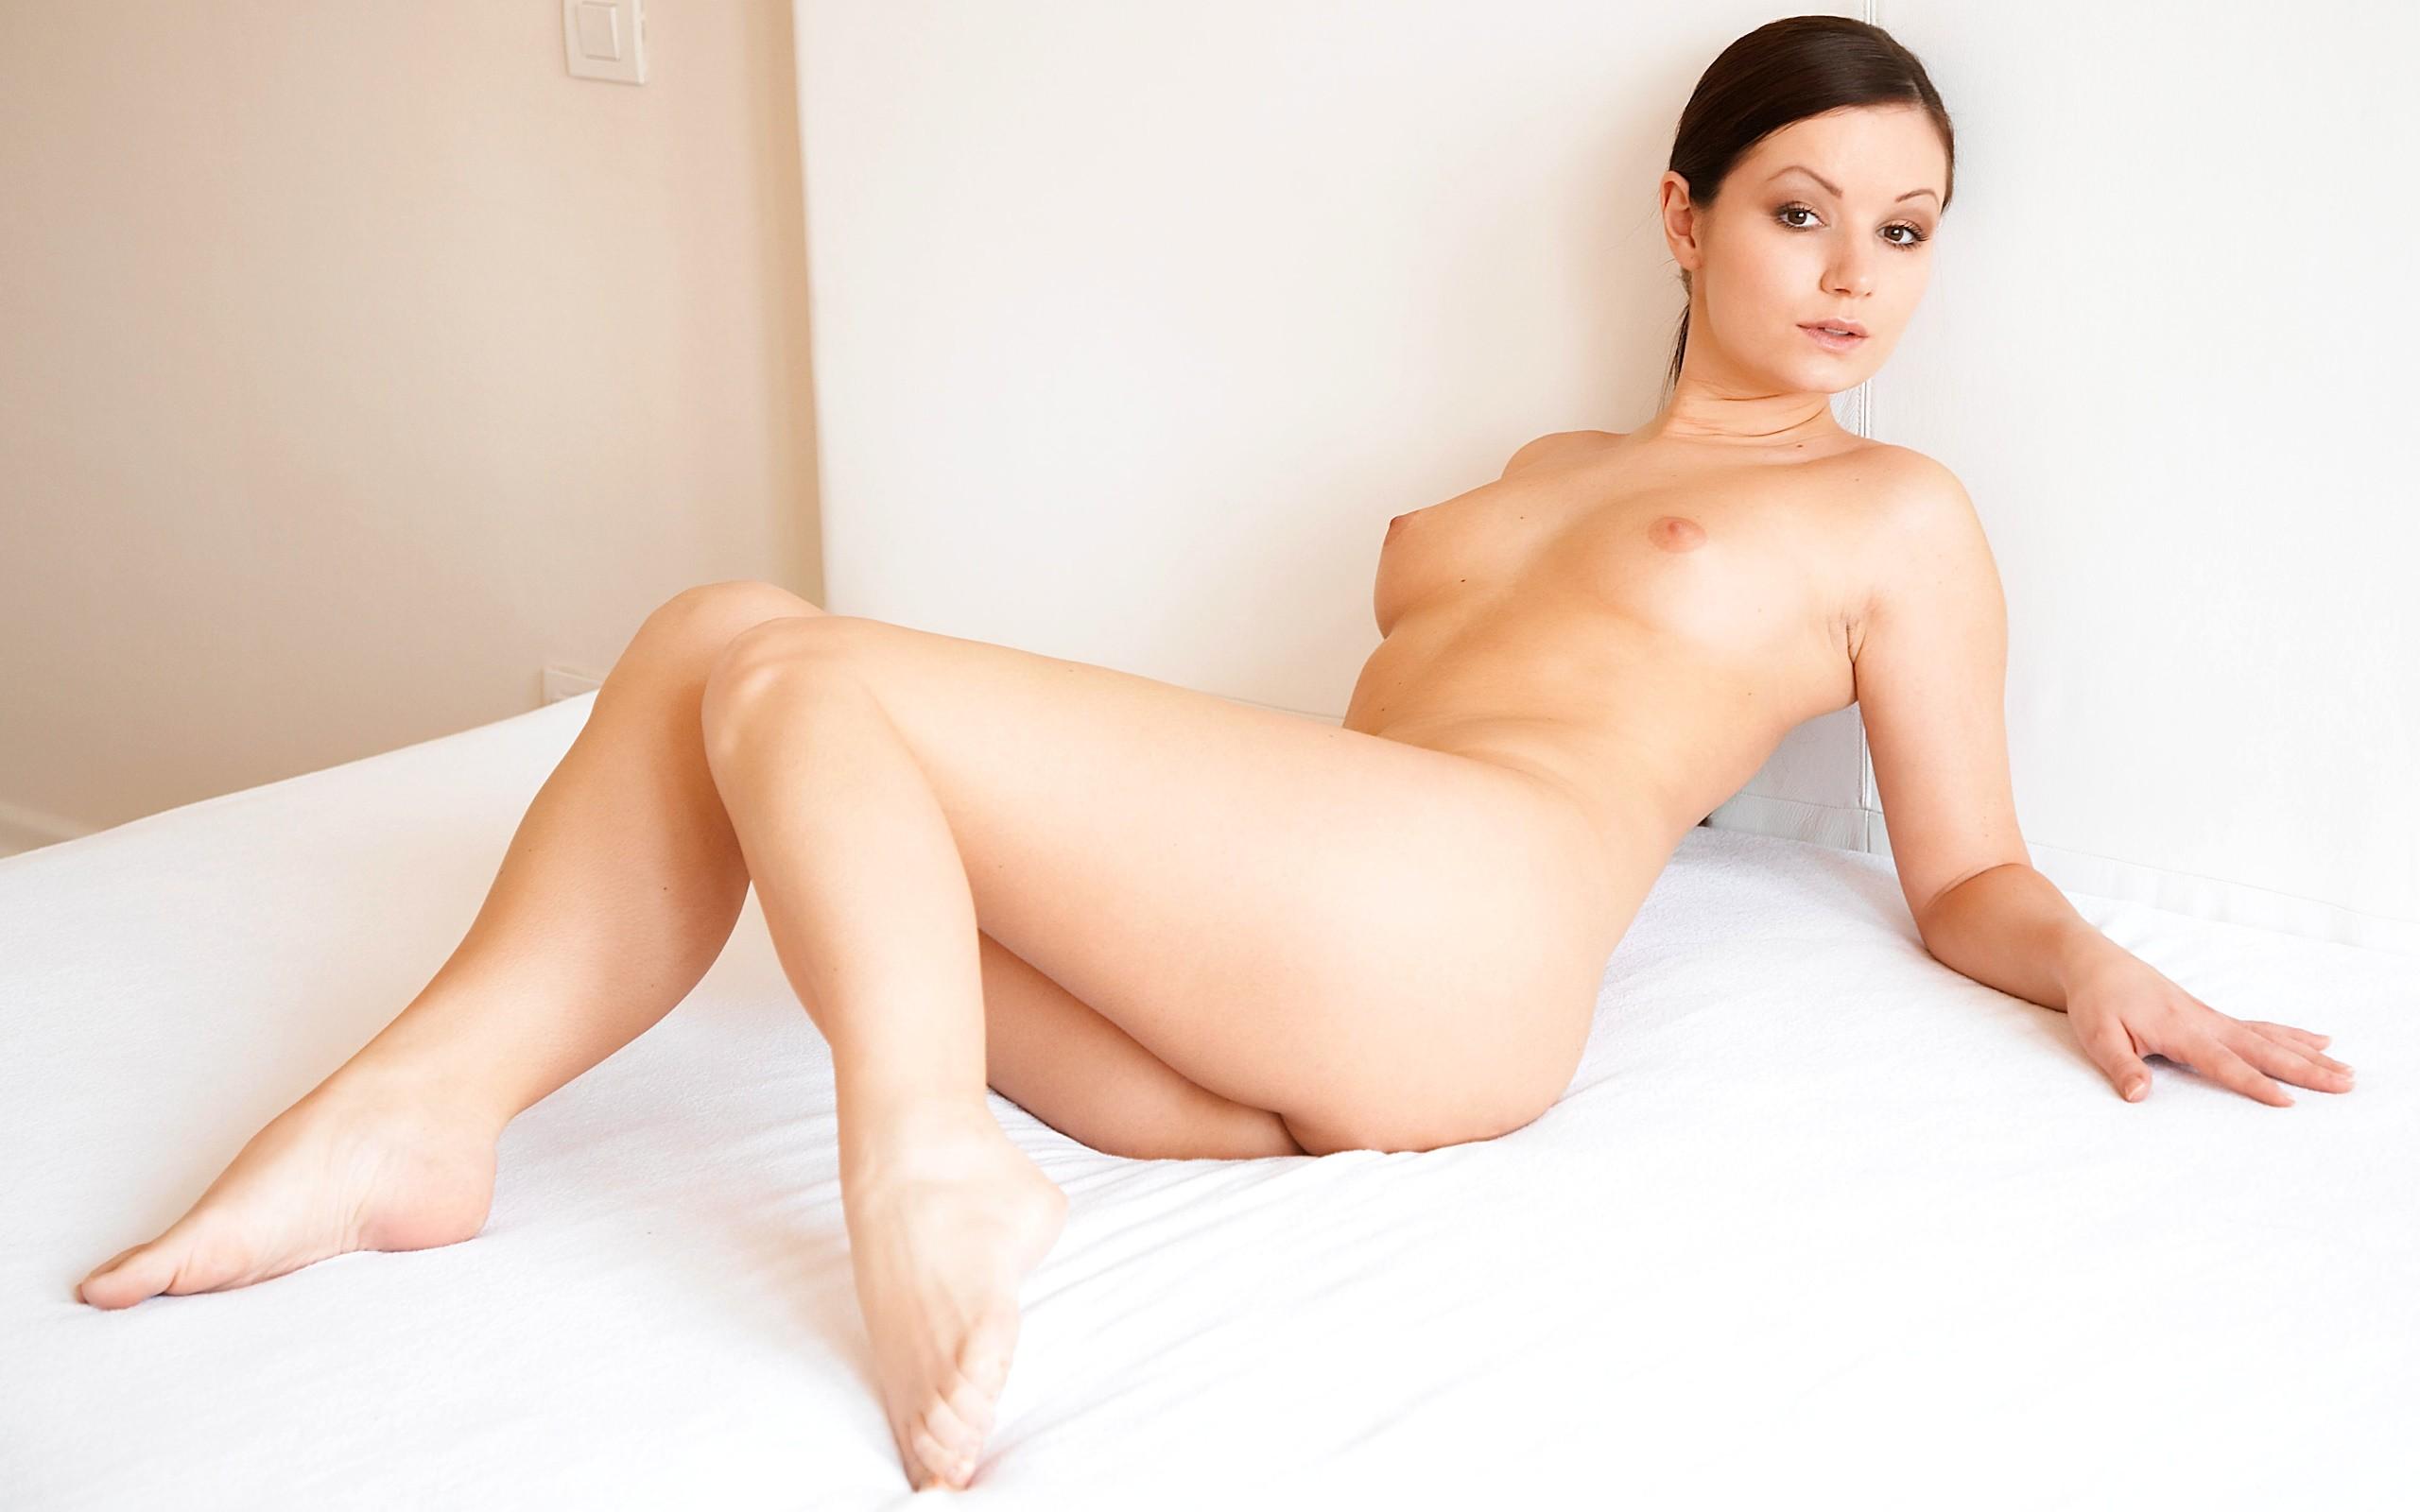 Jana mrazkova nude #11